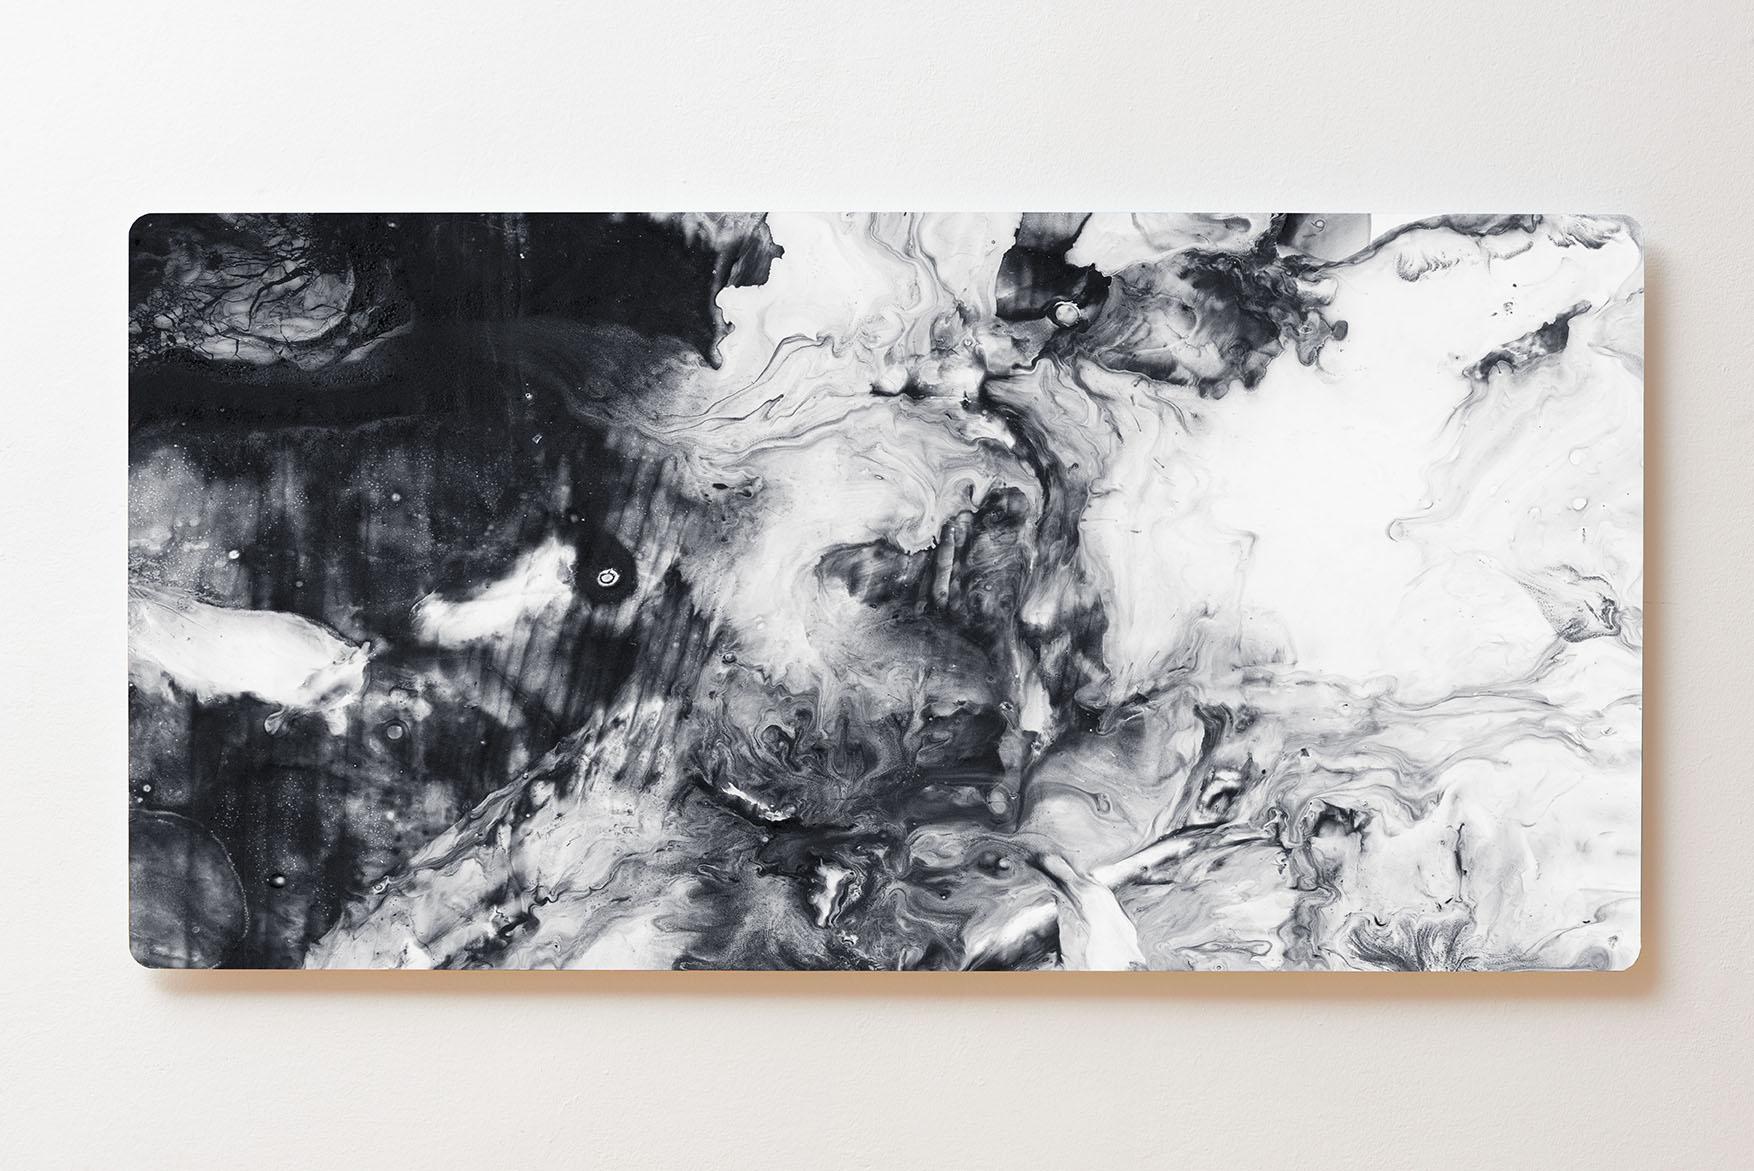 Magnettafel BACKLIGHT 120x60cm Motiv-Wandbild M158 Abstrakt Kunst